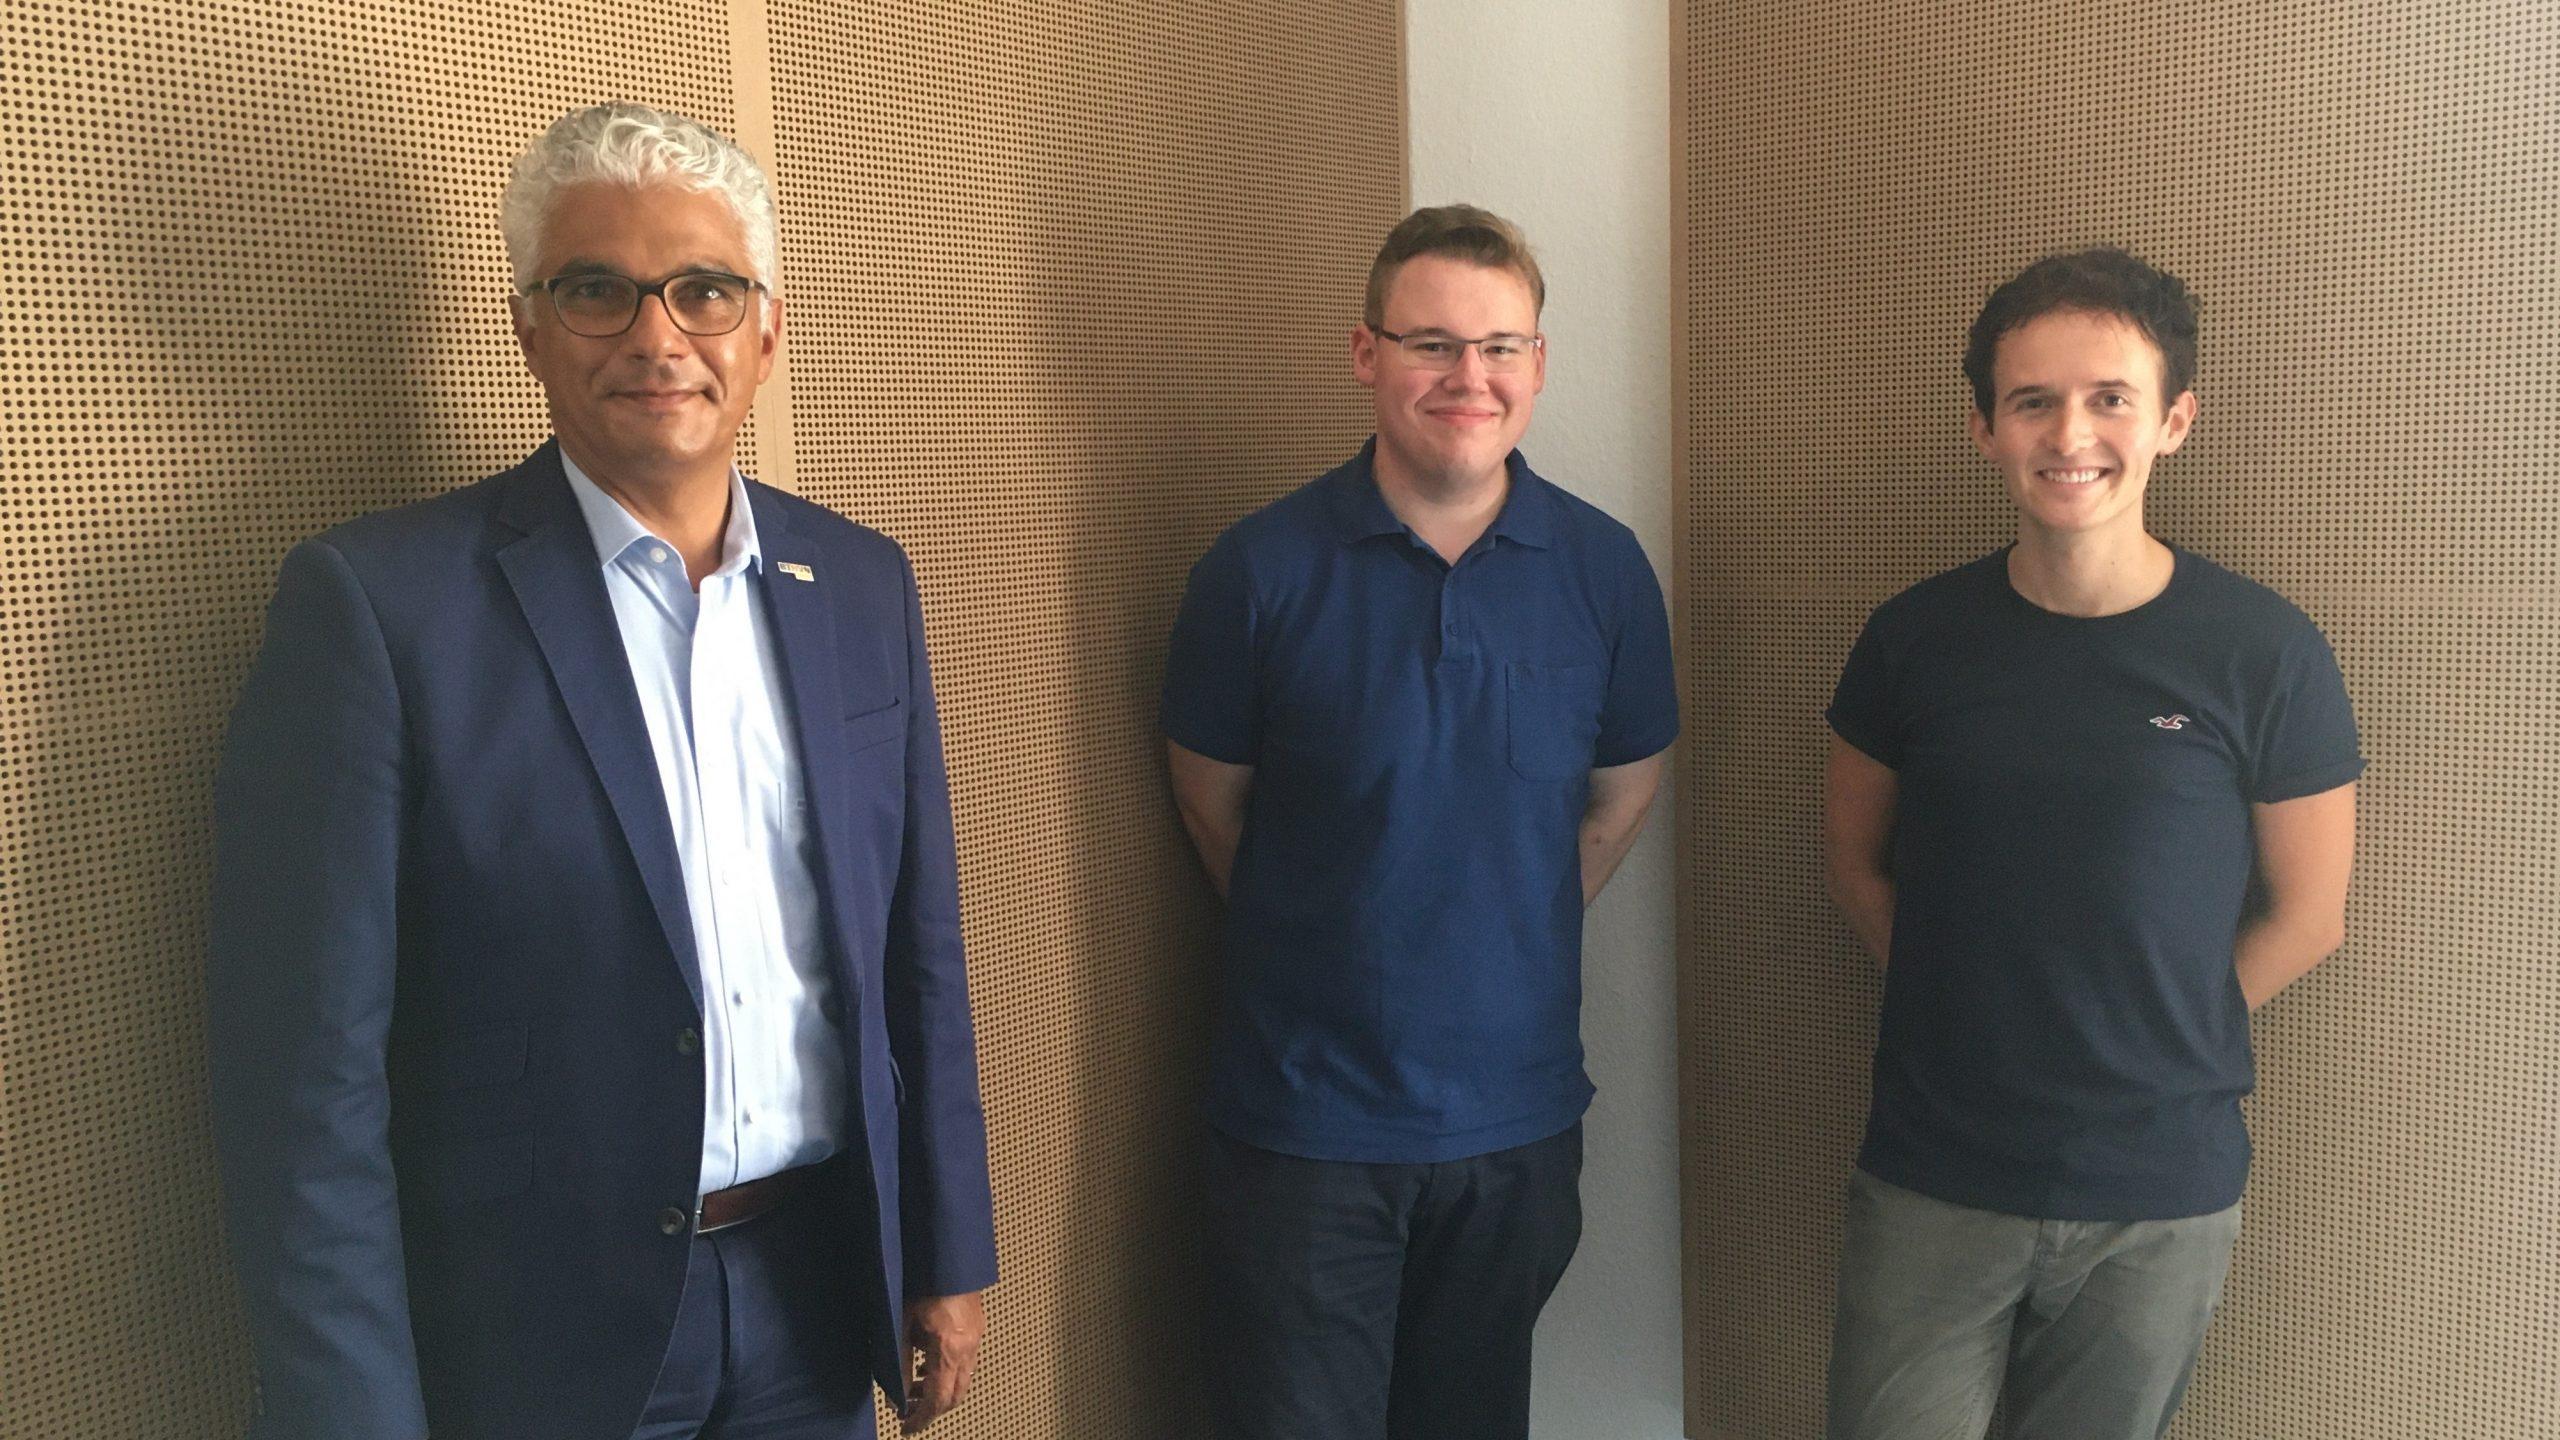 Kommunalwahlen 2020: Interview mit OB und OB-Kandidat Ashok Sridharan (CDU)